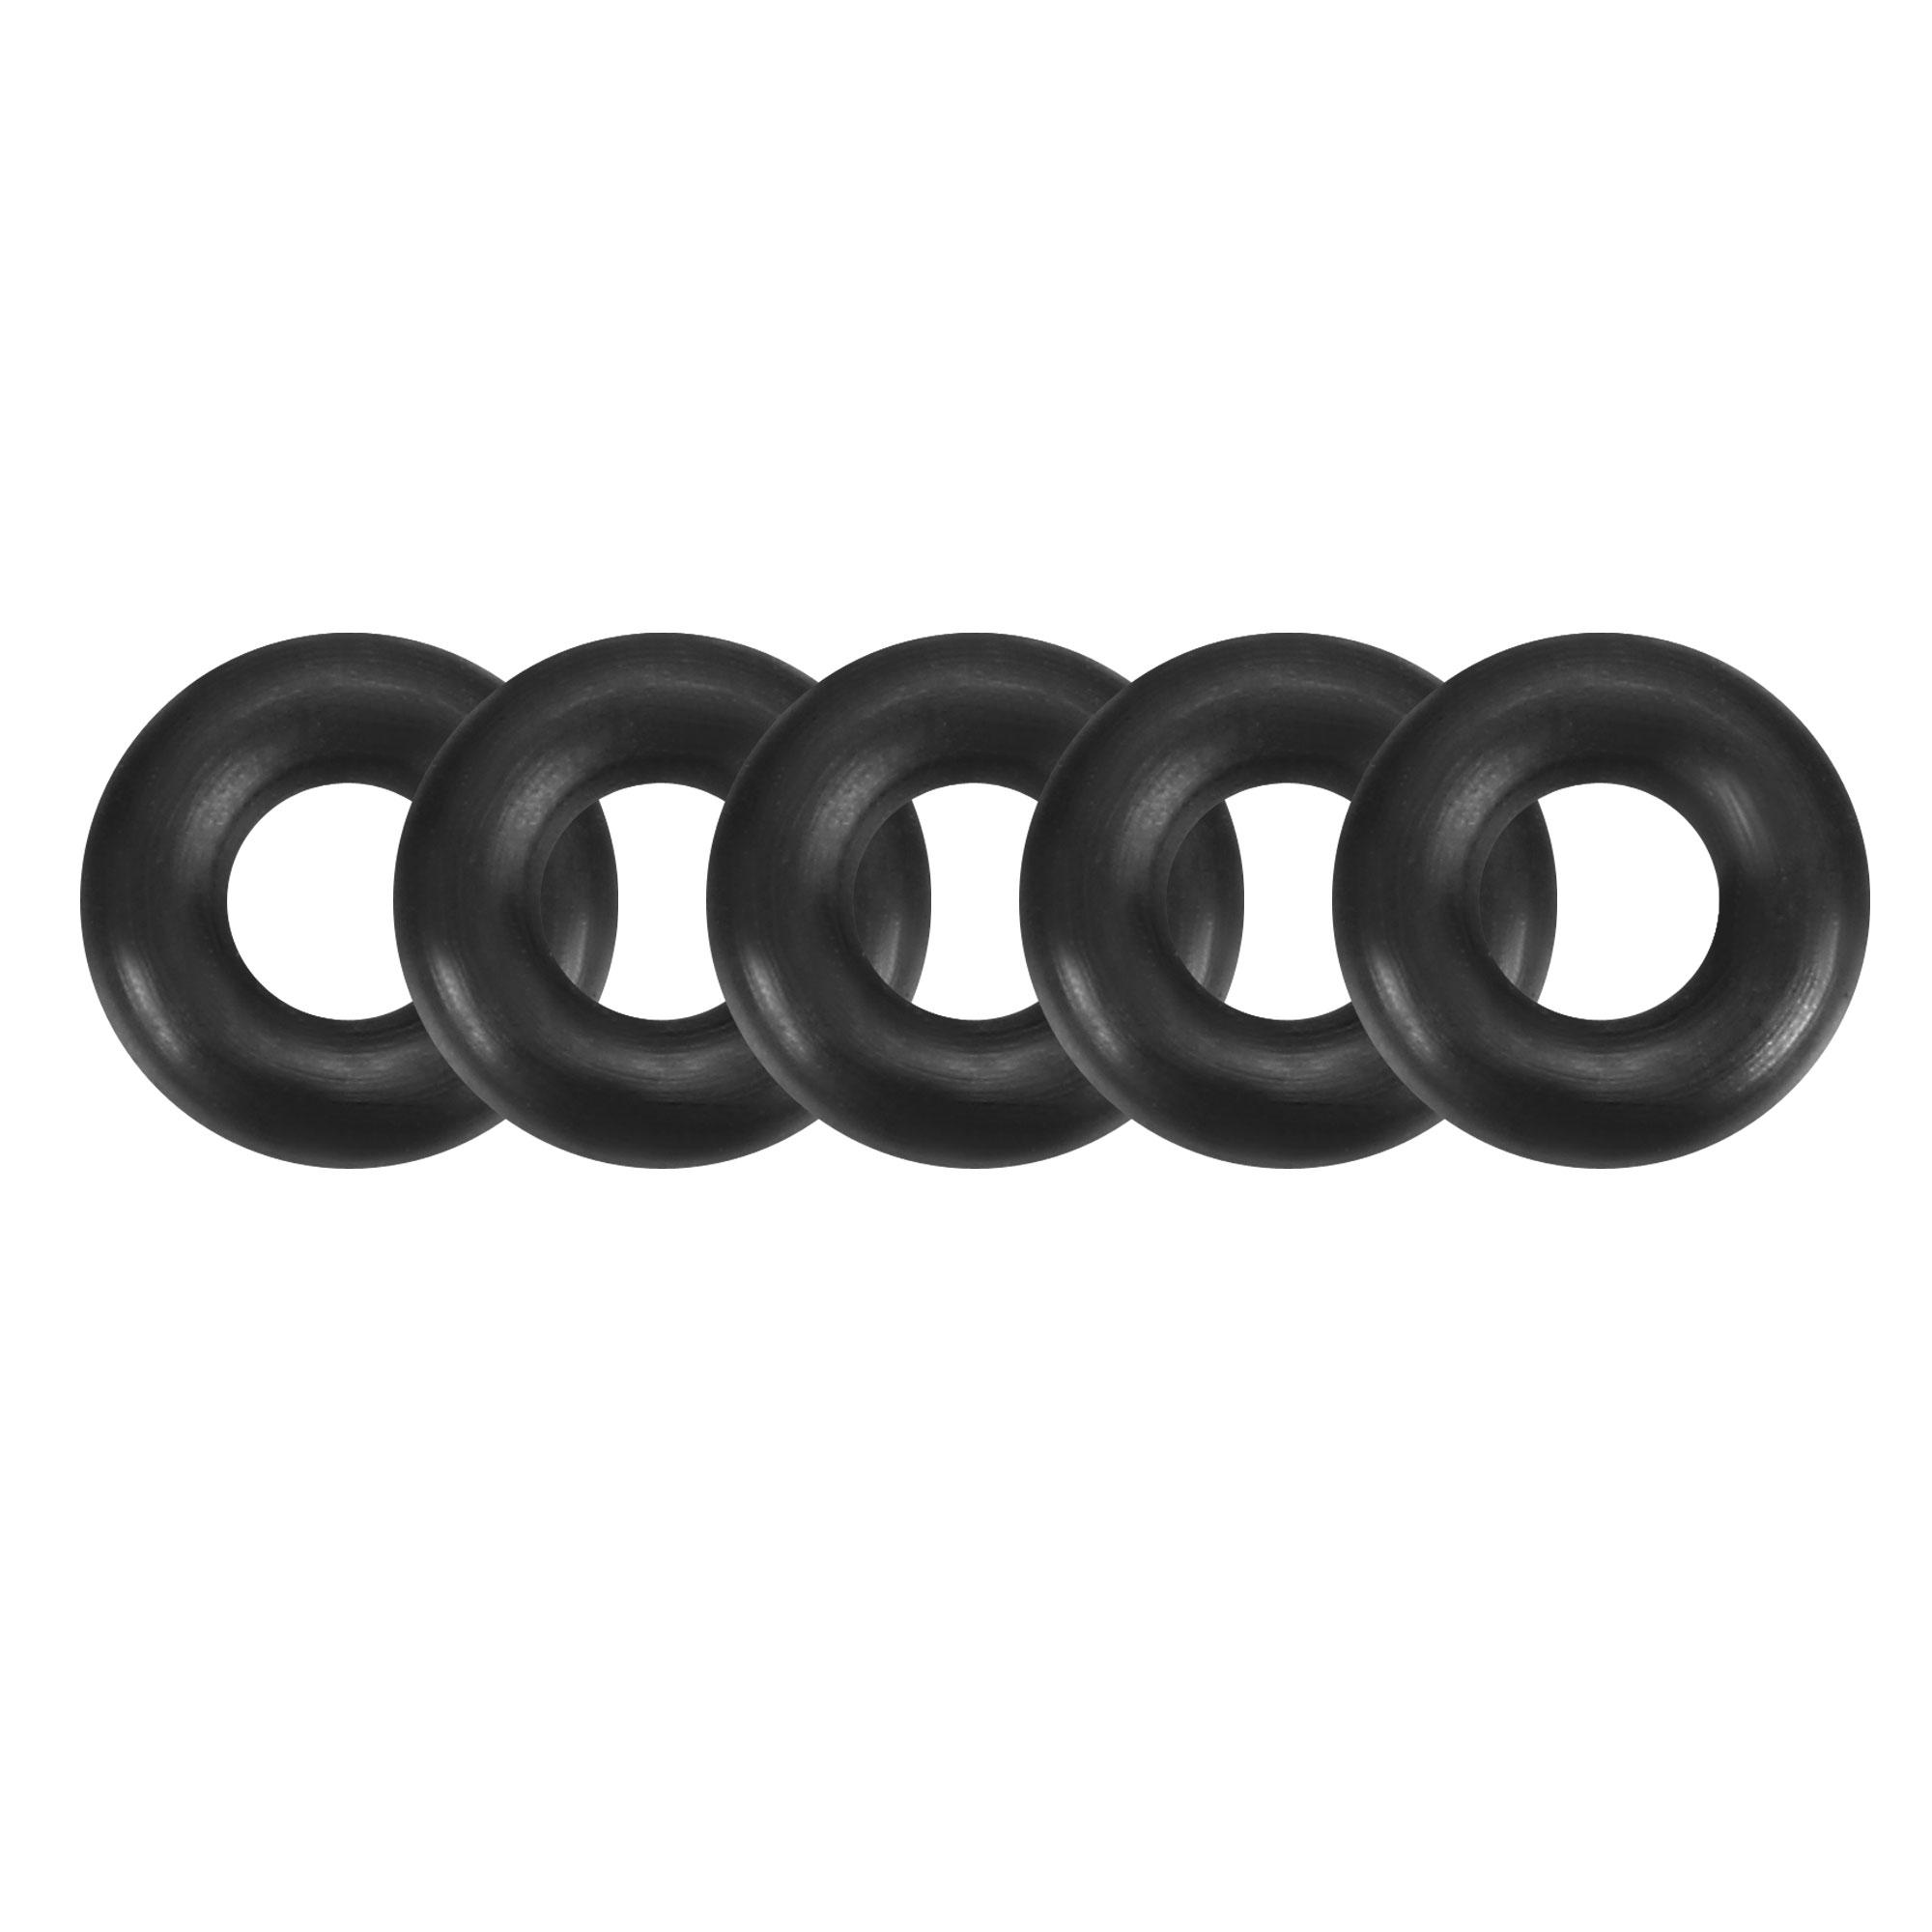 5pcs Black Nitrile Butadiene Rubber NBR O-Ring 2.5mm Inner Dia 2mm Width